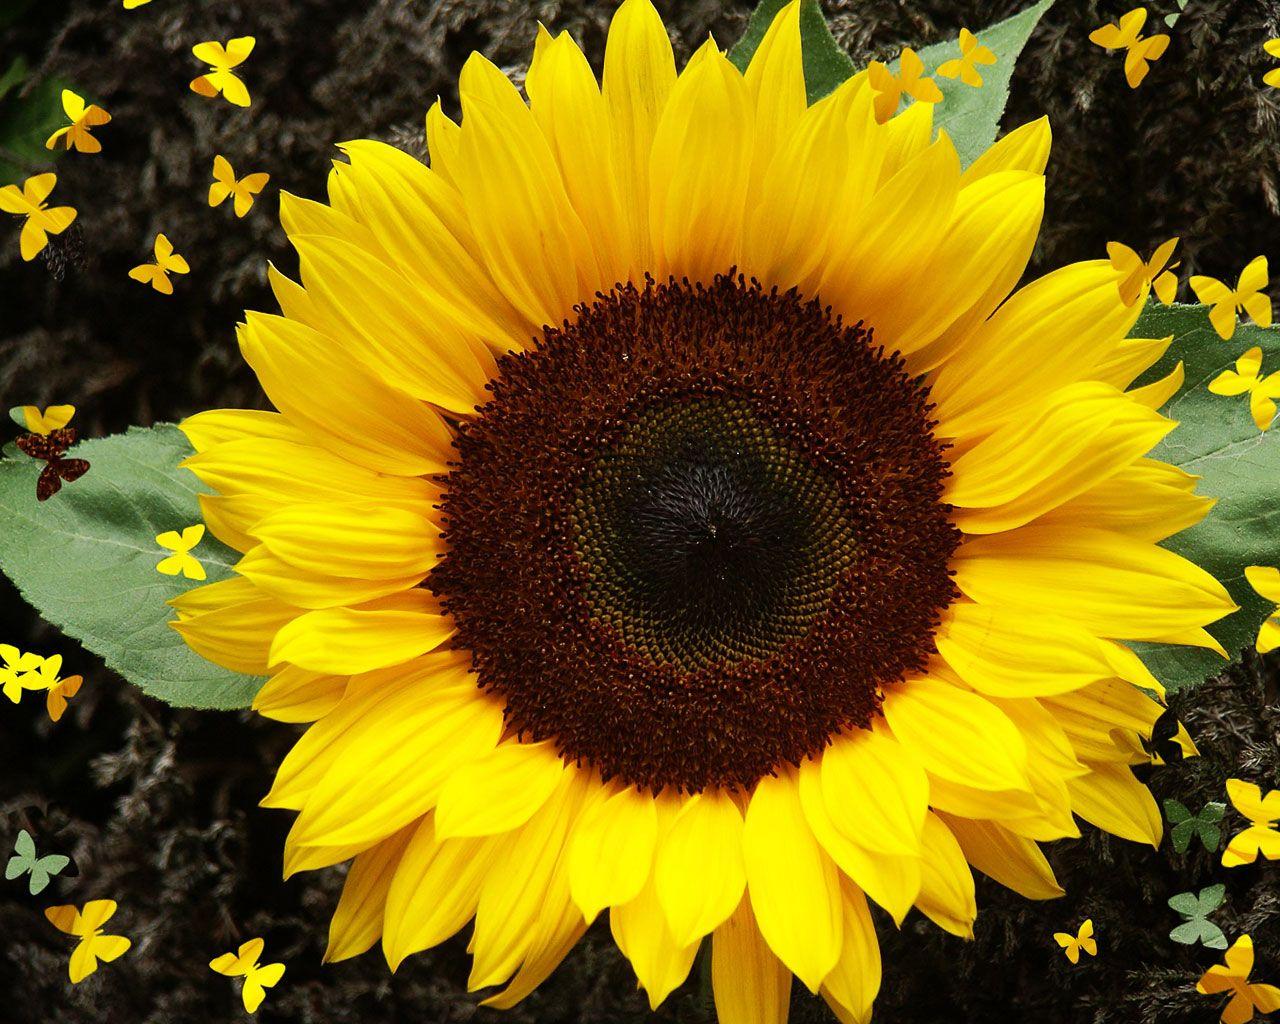 sunflowerrrrr